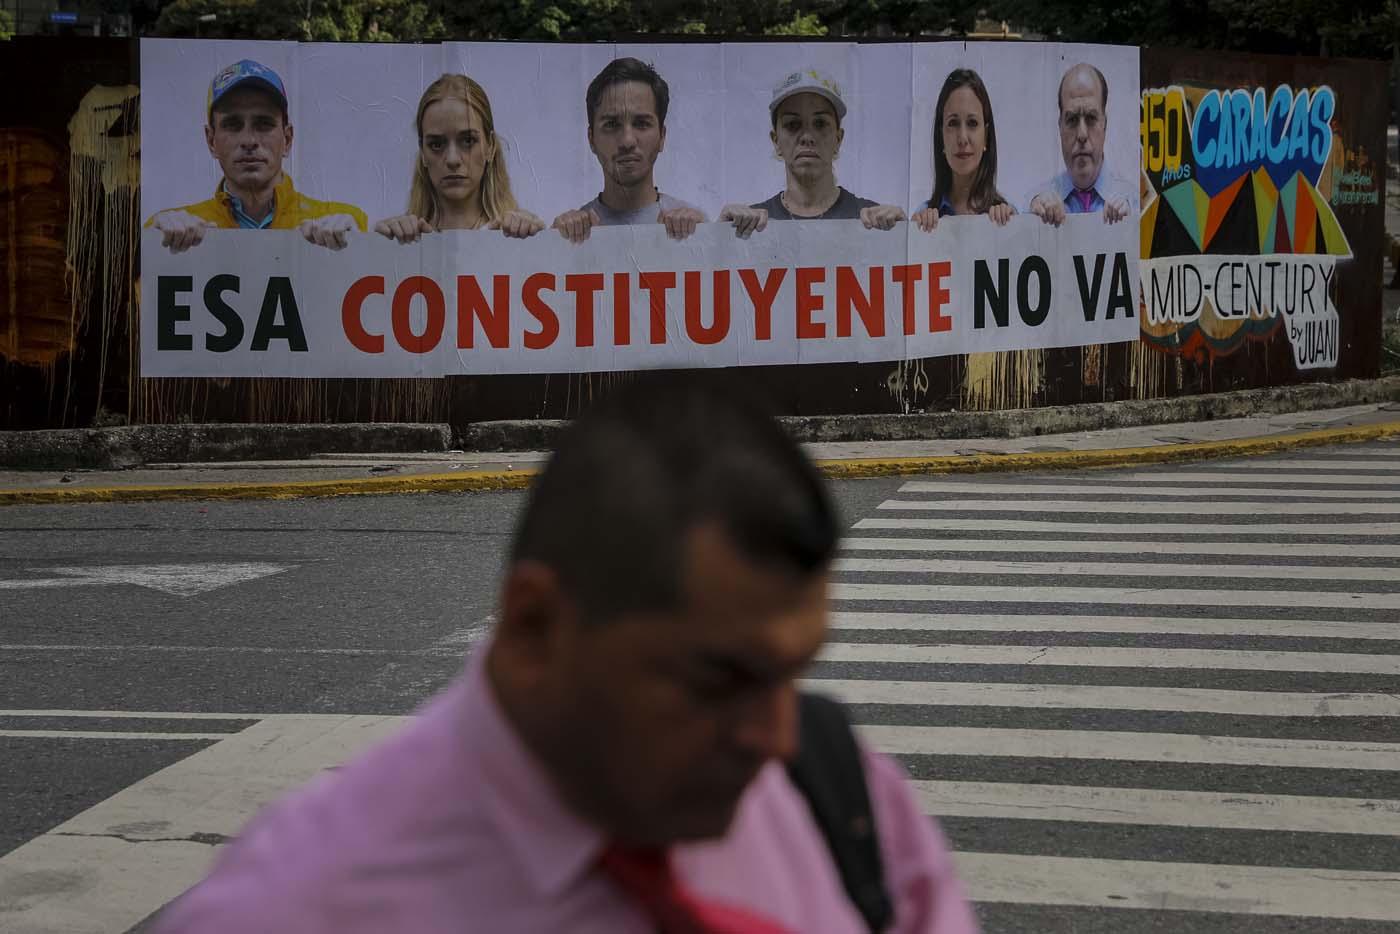 CAR15. CARACAS (VENEZUELA), 24/07/2017.- Fotografía de una valla en rechazo a la Asamblea Constituyente hoy, lunes 24 de julio de 2017, en un colegio electoral de Caracas (Venezuela). Venezuela inicia hoy la semana decisiva para la elección de la Asamblea Nacional Constituyente convocada por el presidente, Nicolás Maduro, con los oficialistas entrando en la recta final de su campaña en medio de protestas y llamados a paro de los opositores en rechazo a esos comicios. EFE/Miguel Gutiérrez